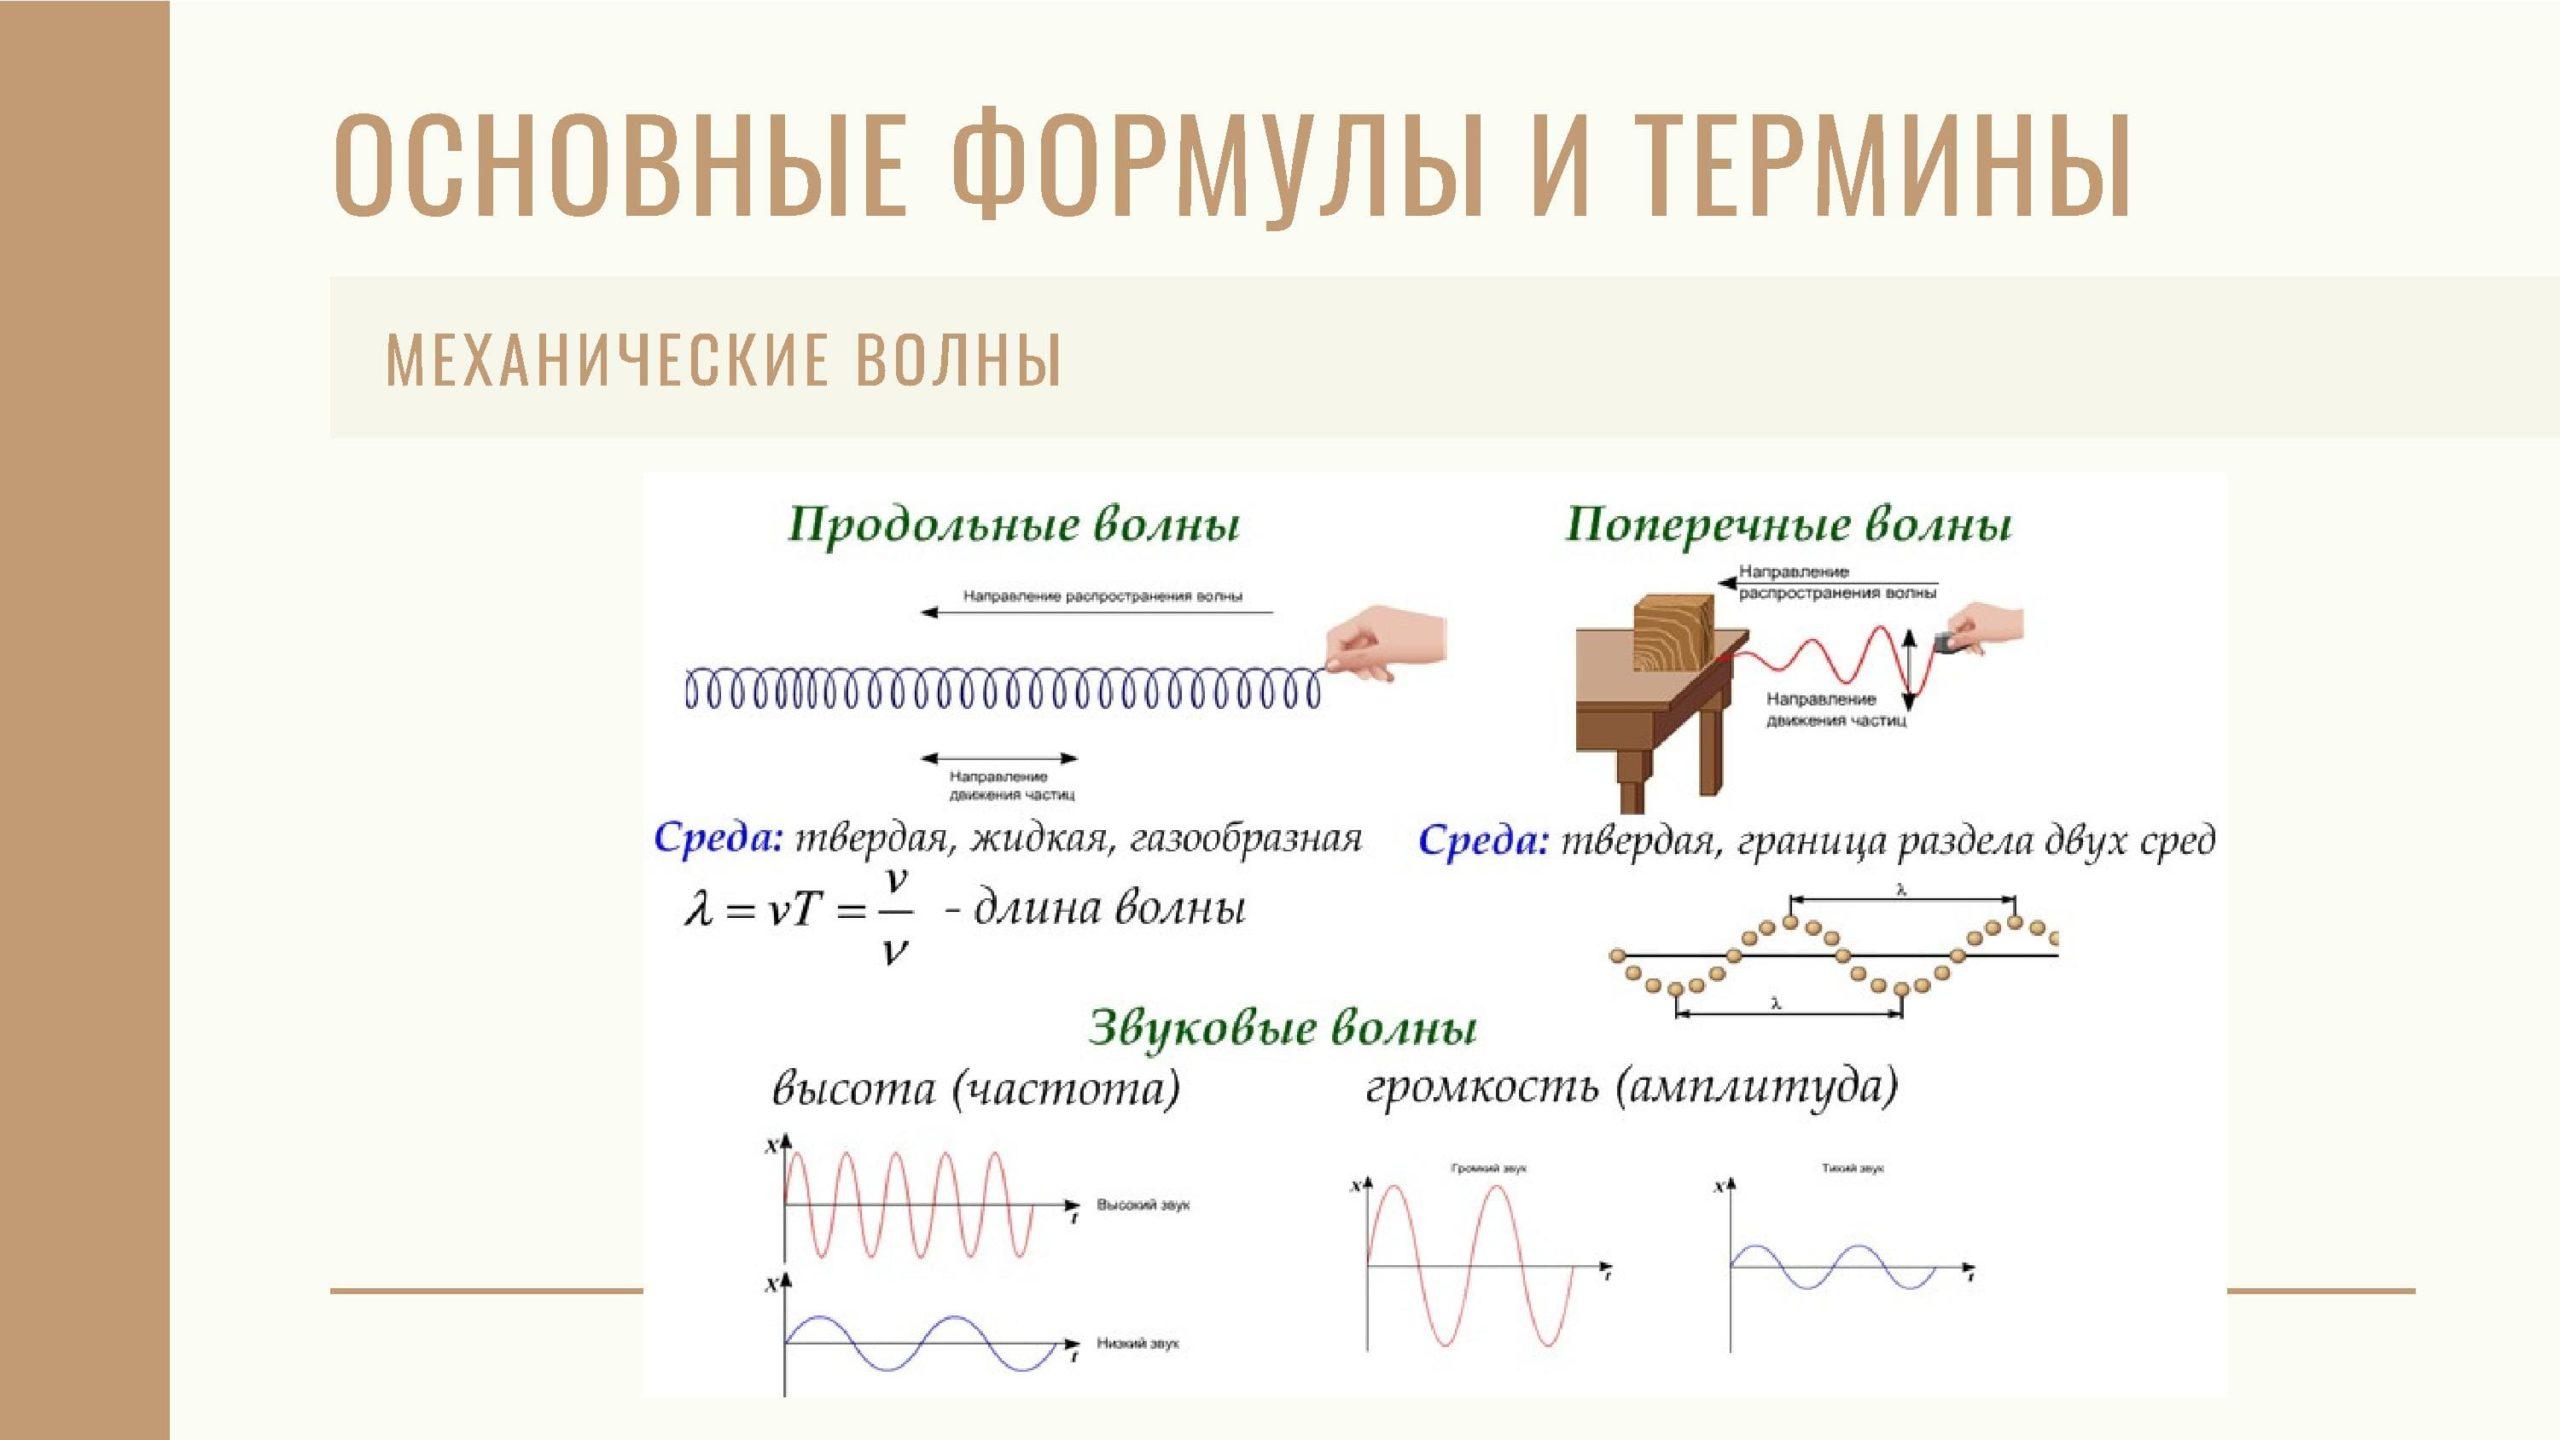 Механические волны. Основные формулы и термины.